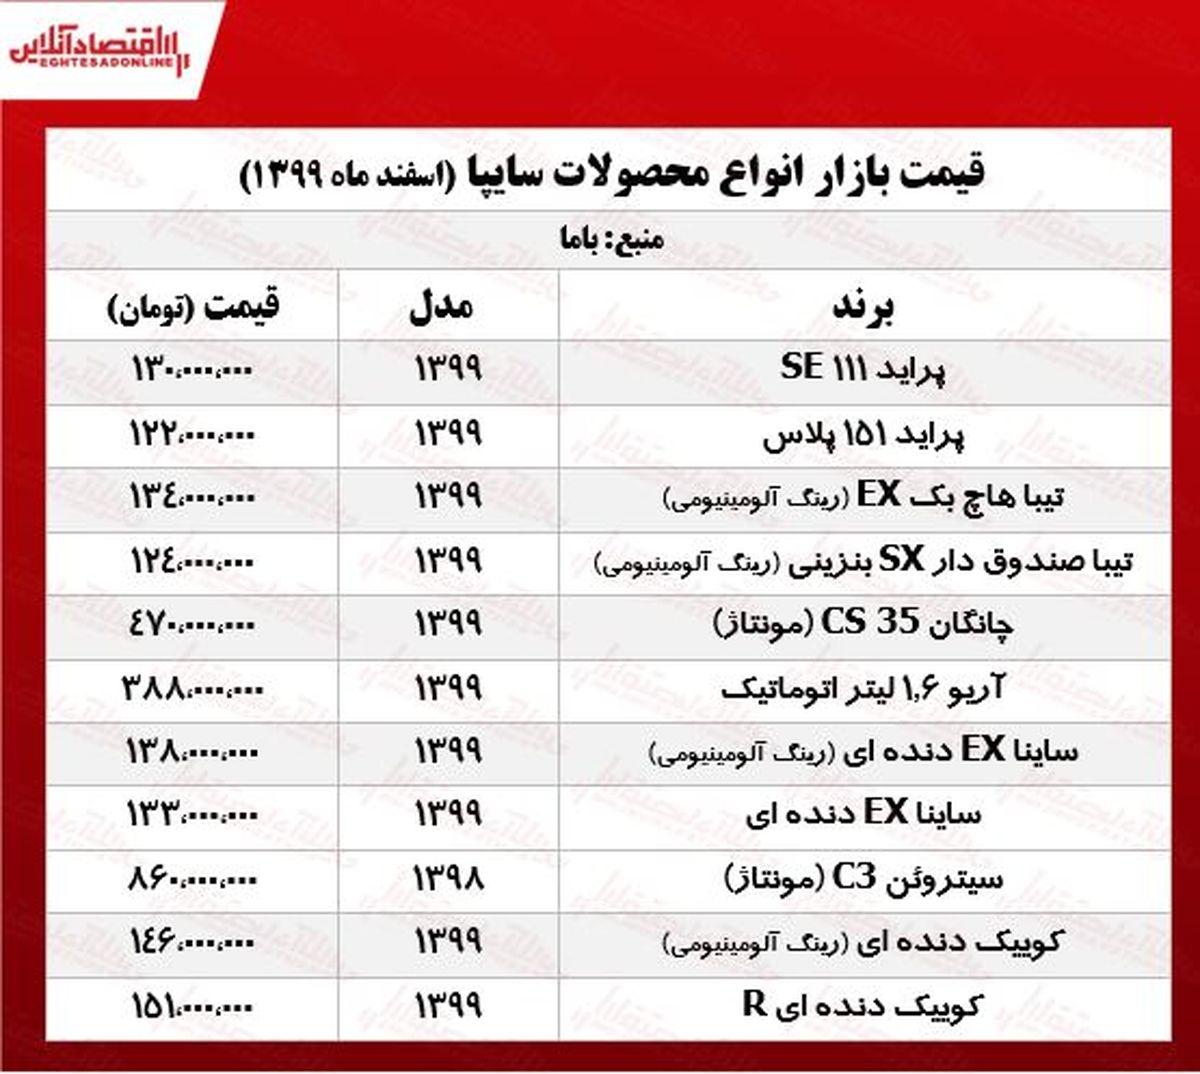 قیمت خودروهای سایپا در پایتخت +جدول